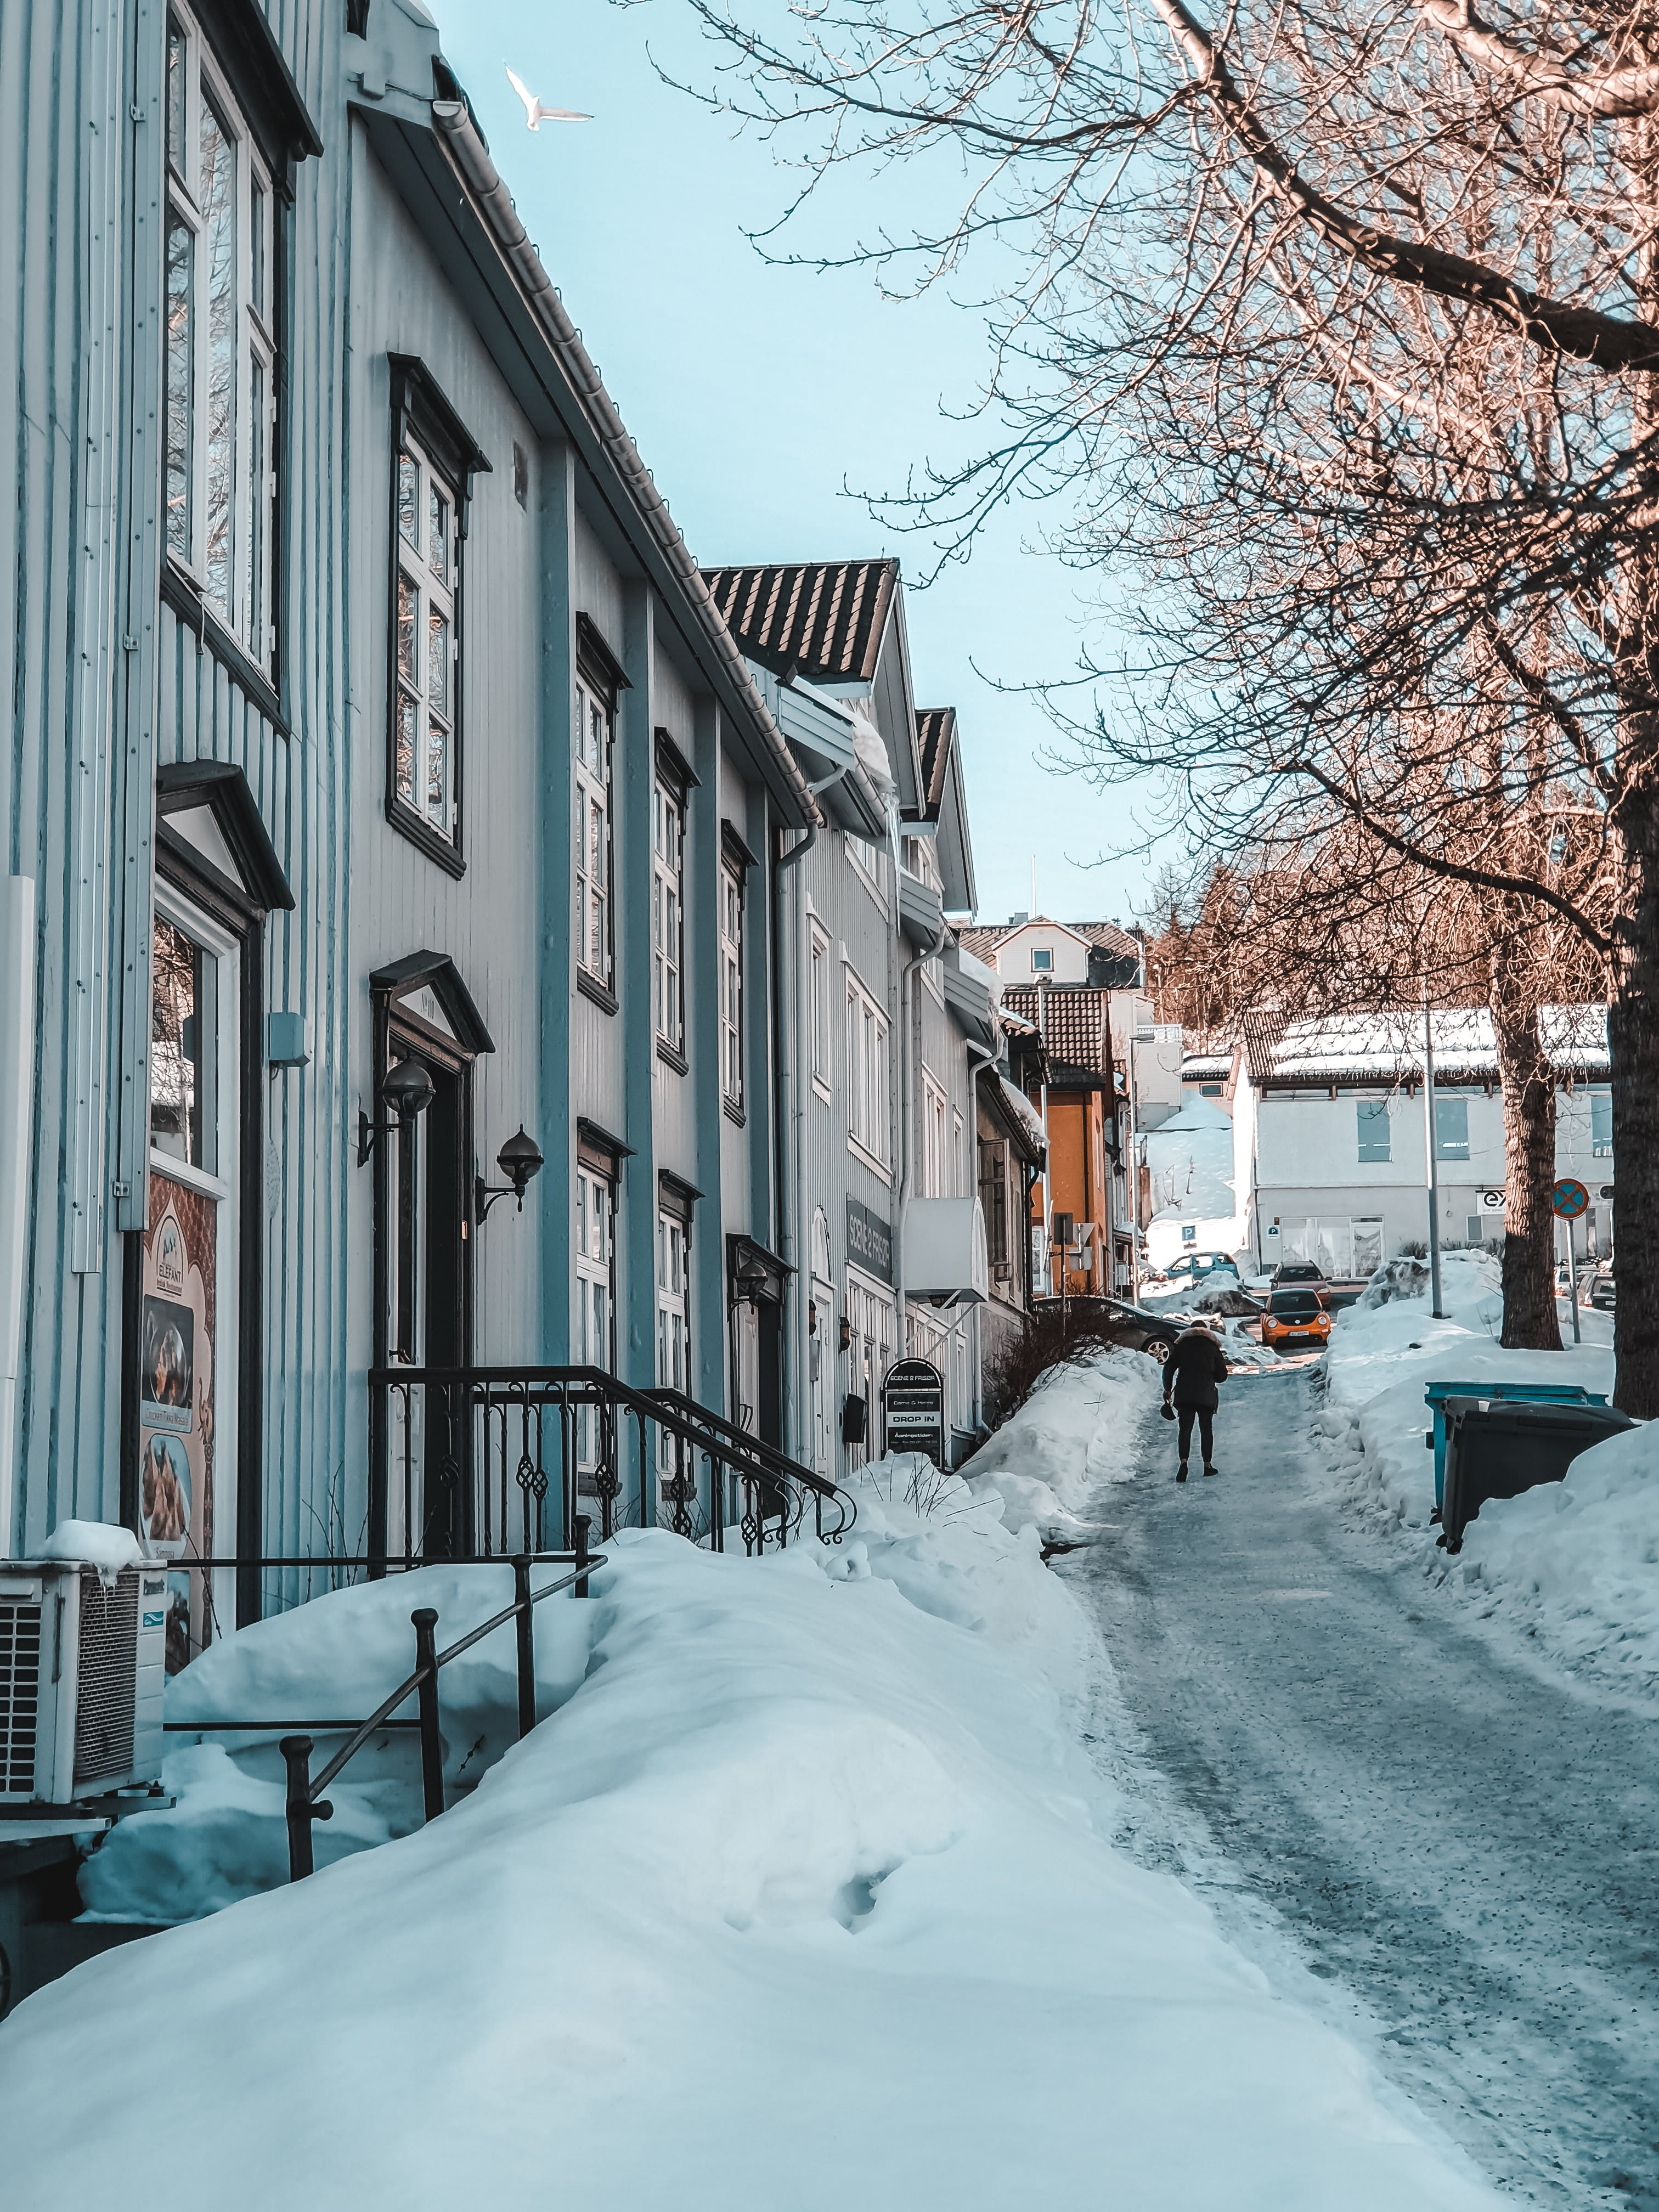 Бесплатное стоковое фото с архитектура, город, дорога, здания